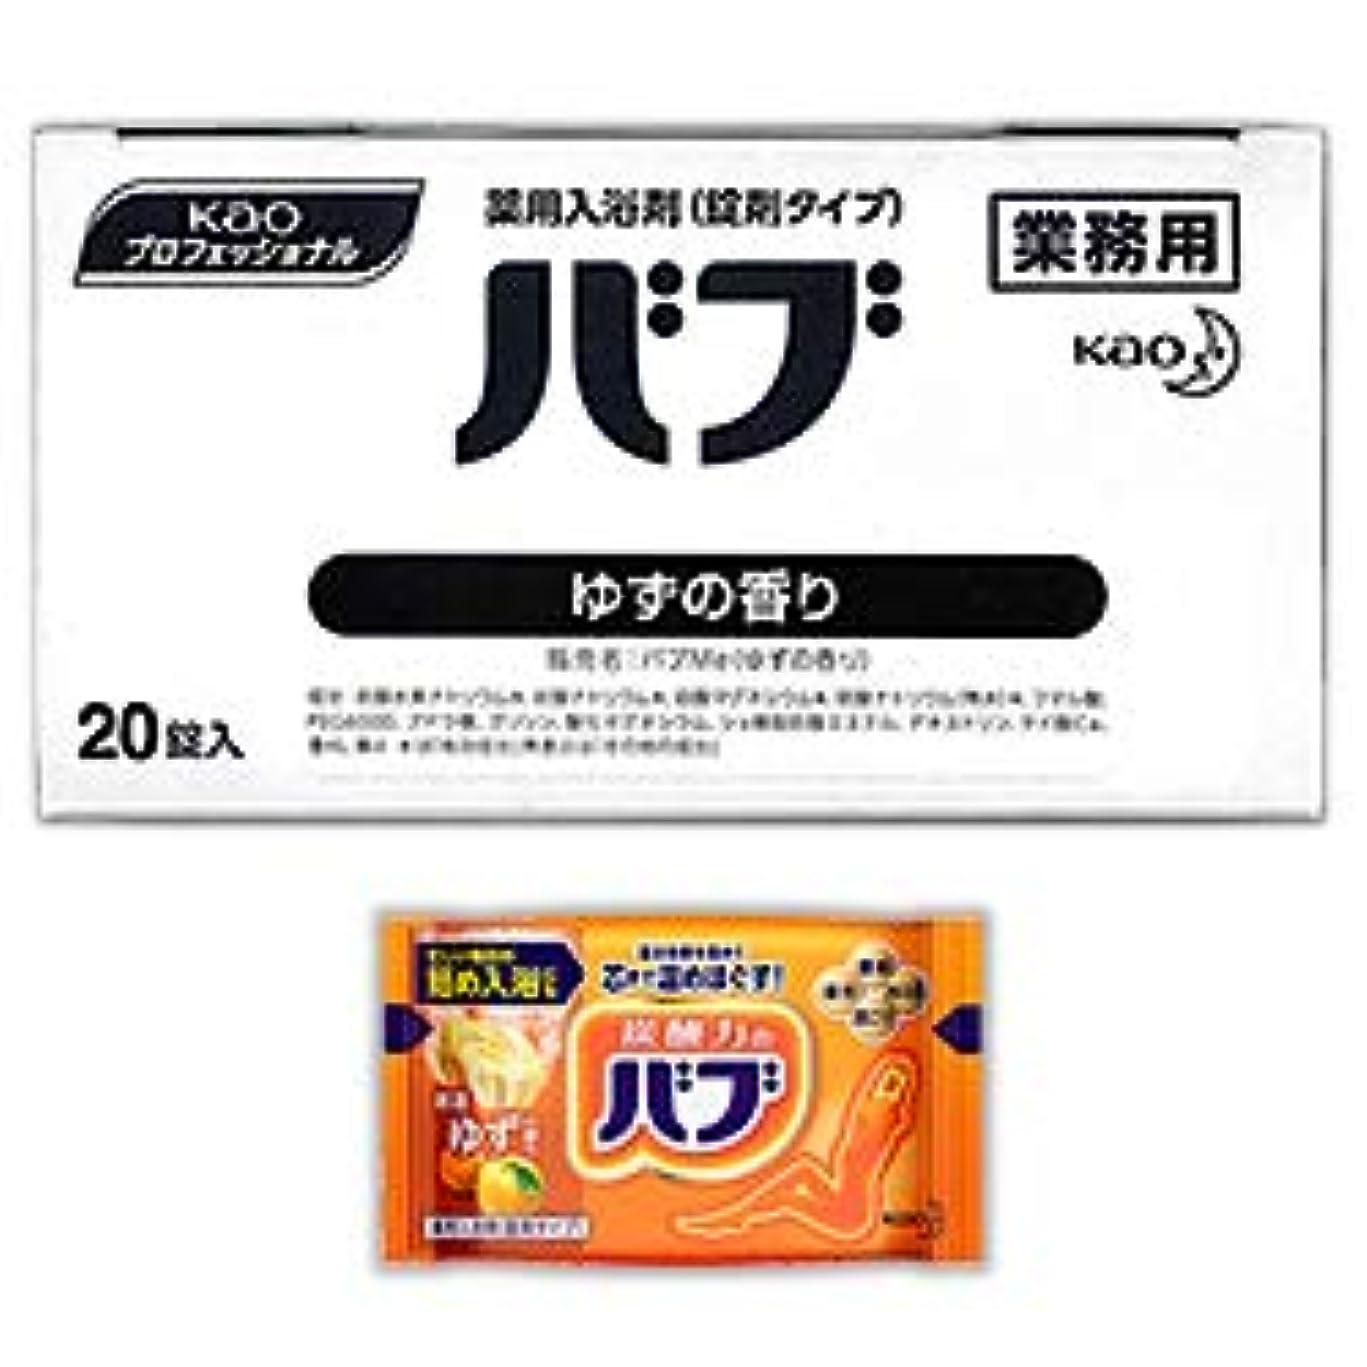 強度ラショナルおかしい【花王】Kaoプロフェッショナル バブ ゆずの香り(業務用) 40g×20錠入 ×2個セット